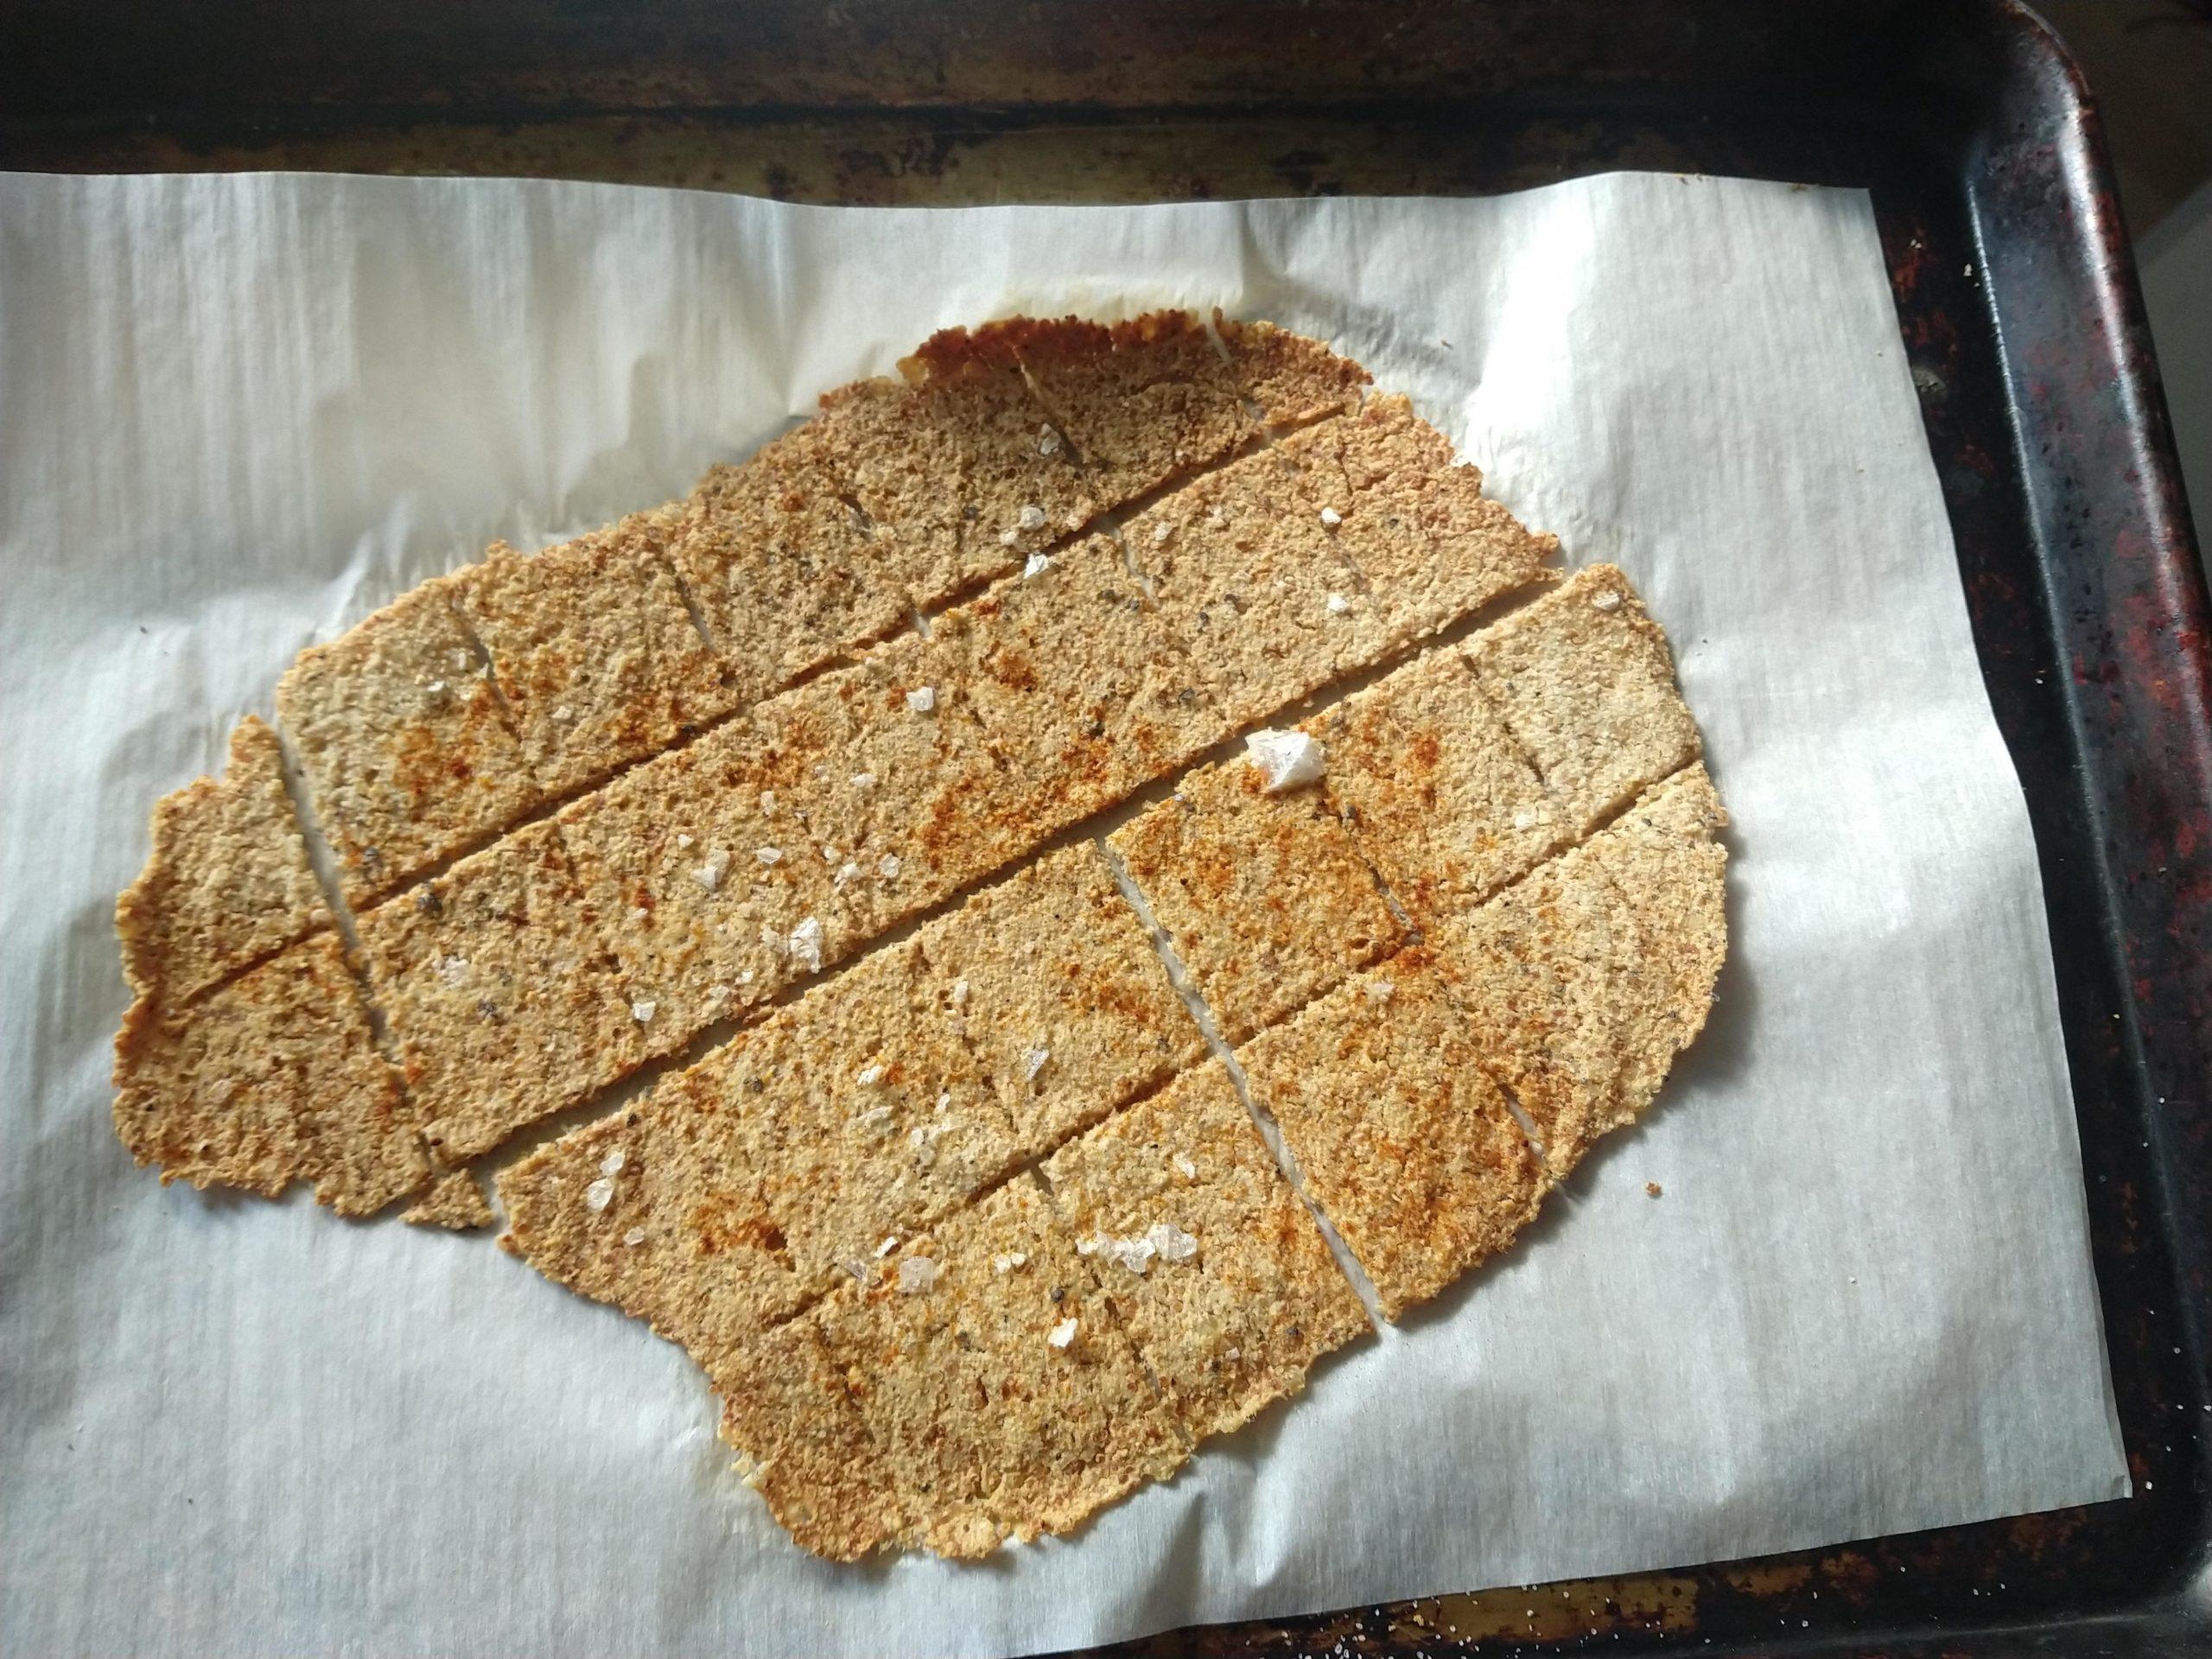 gf grain crackers